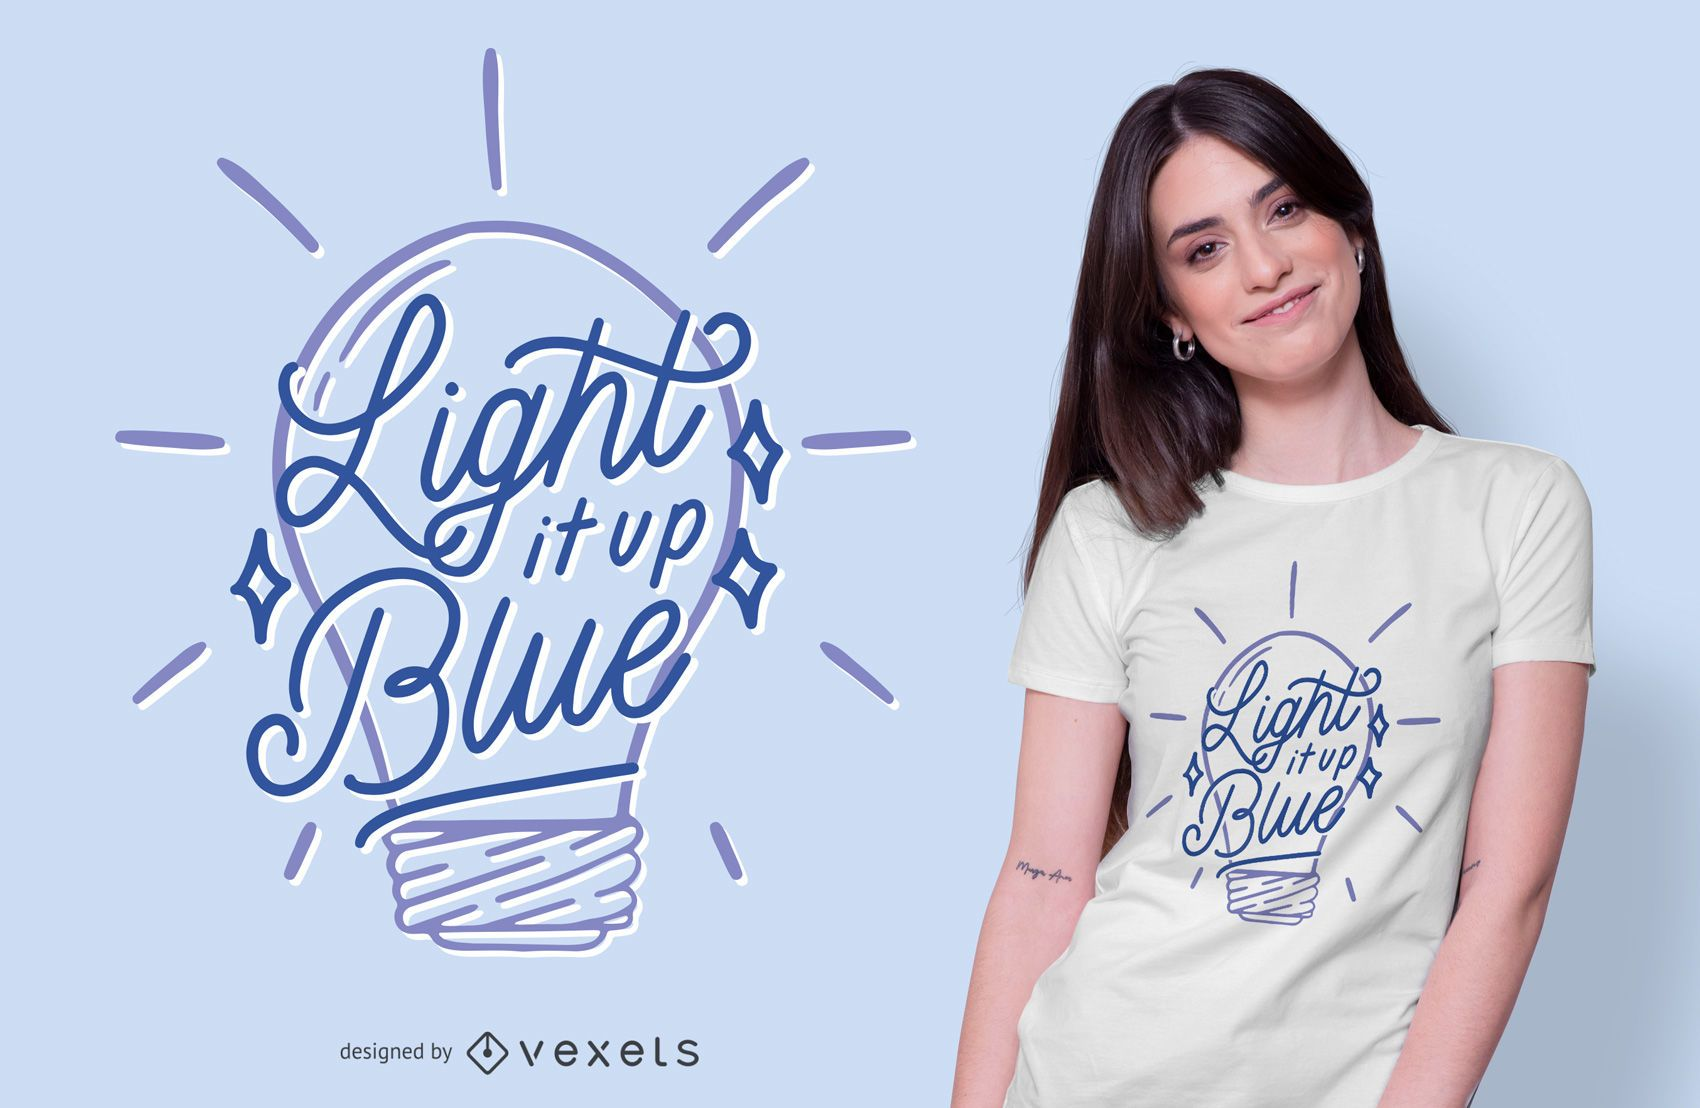 Light Bulb Autism Quote T-shirt Design